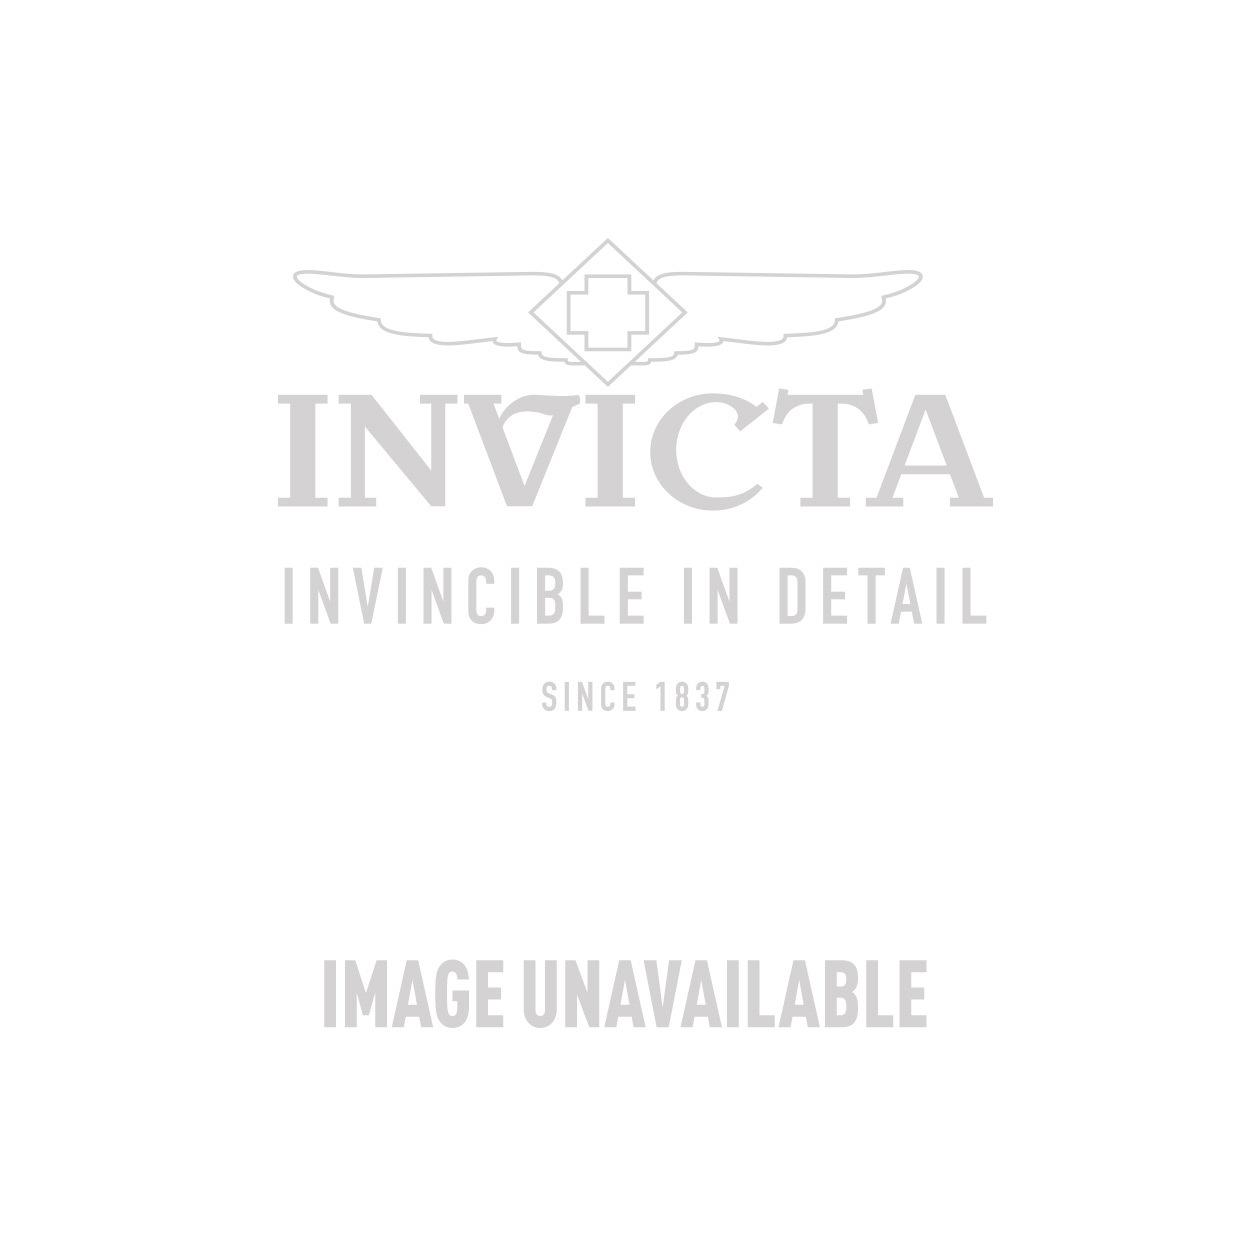 Invicta Model 25782